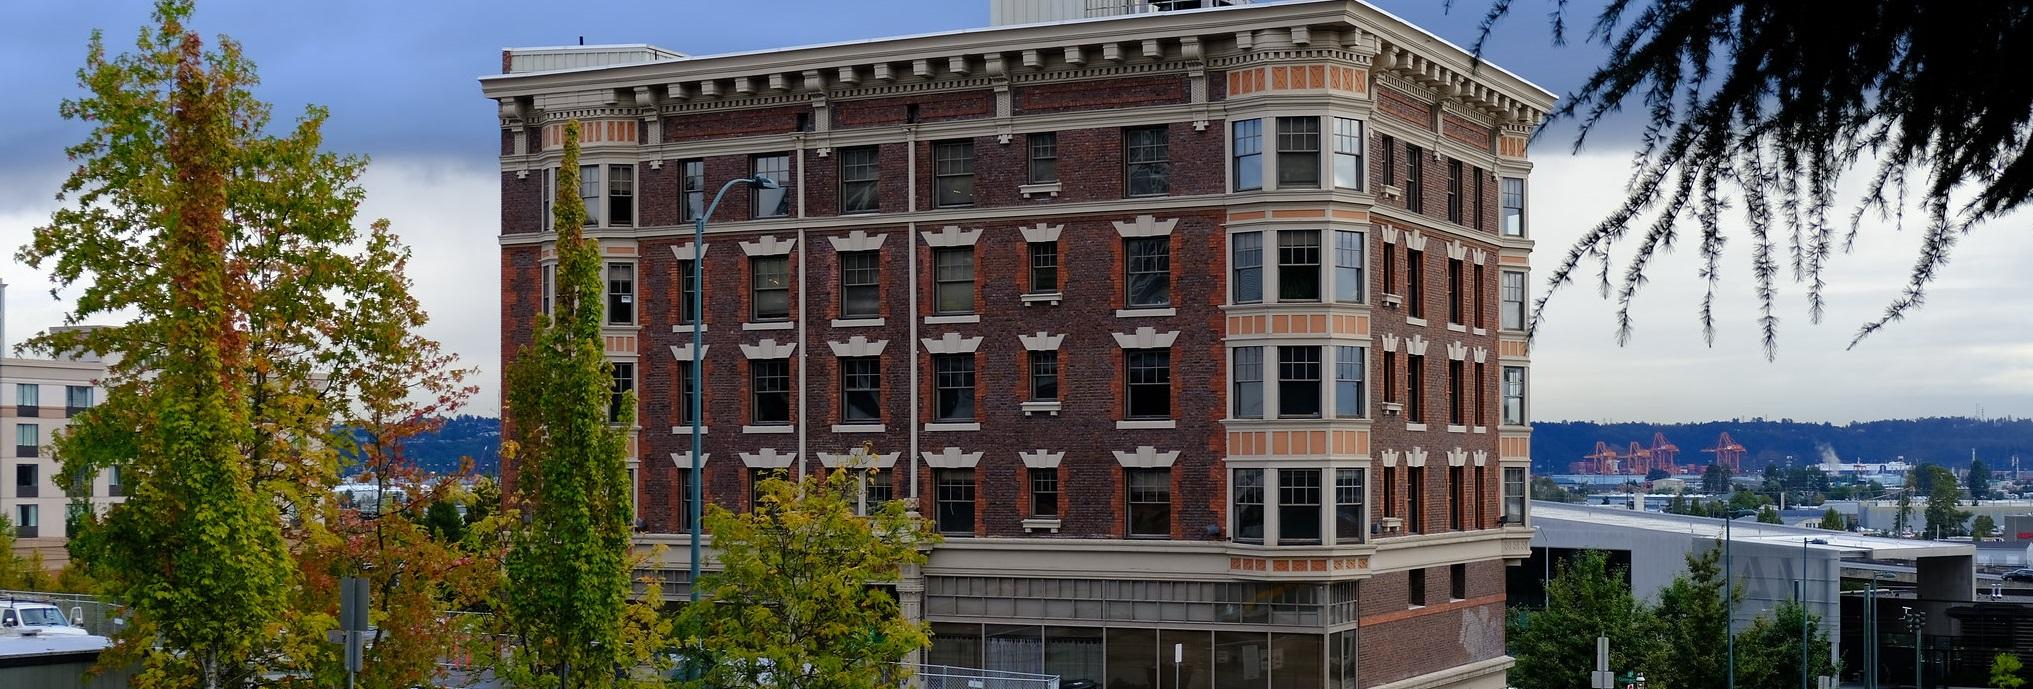 Carlton Center building